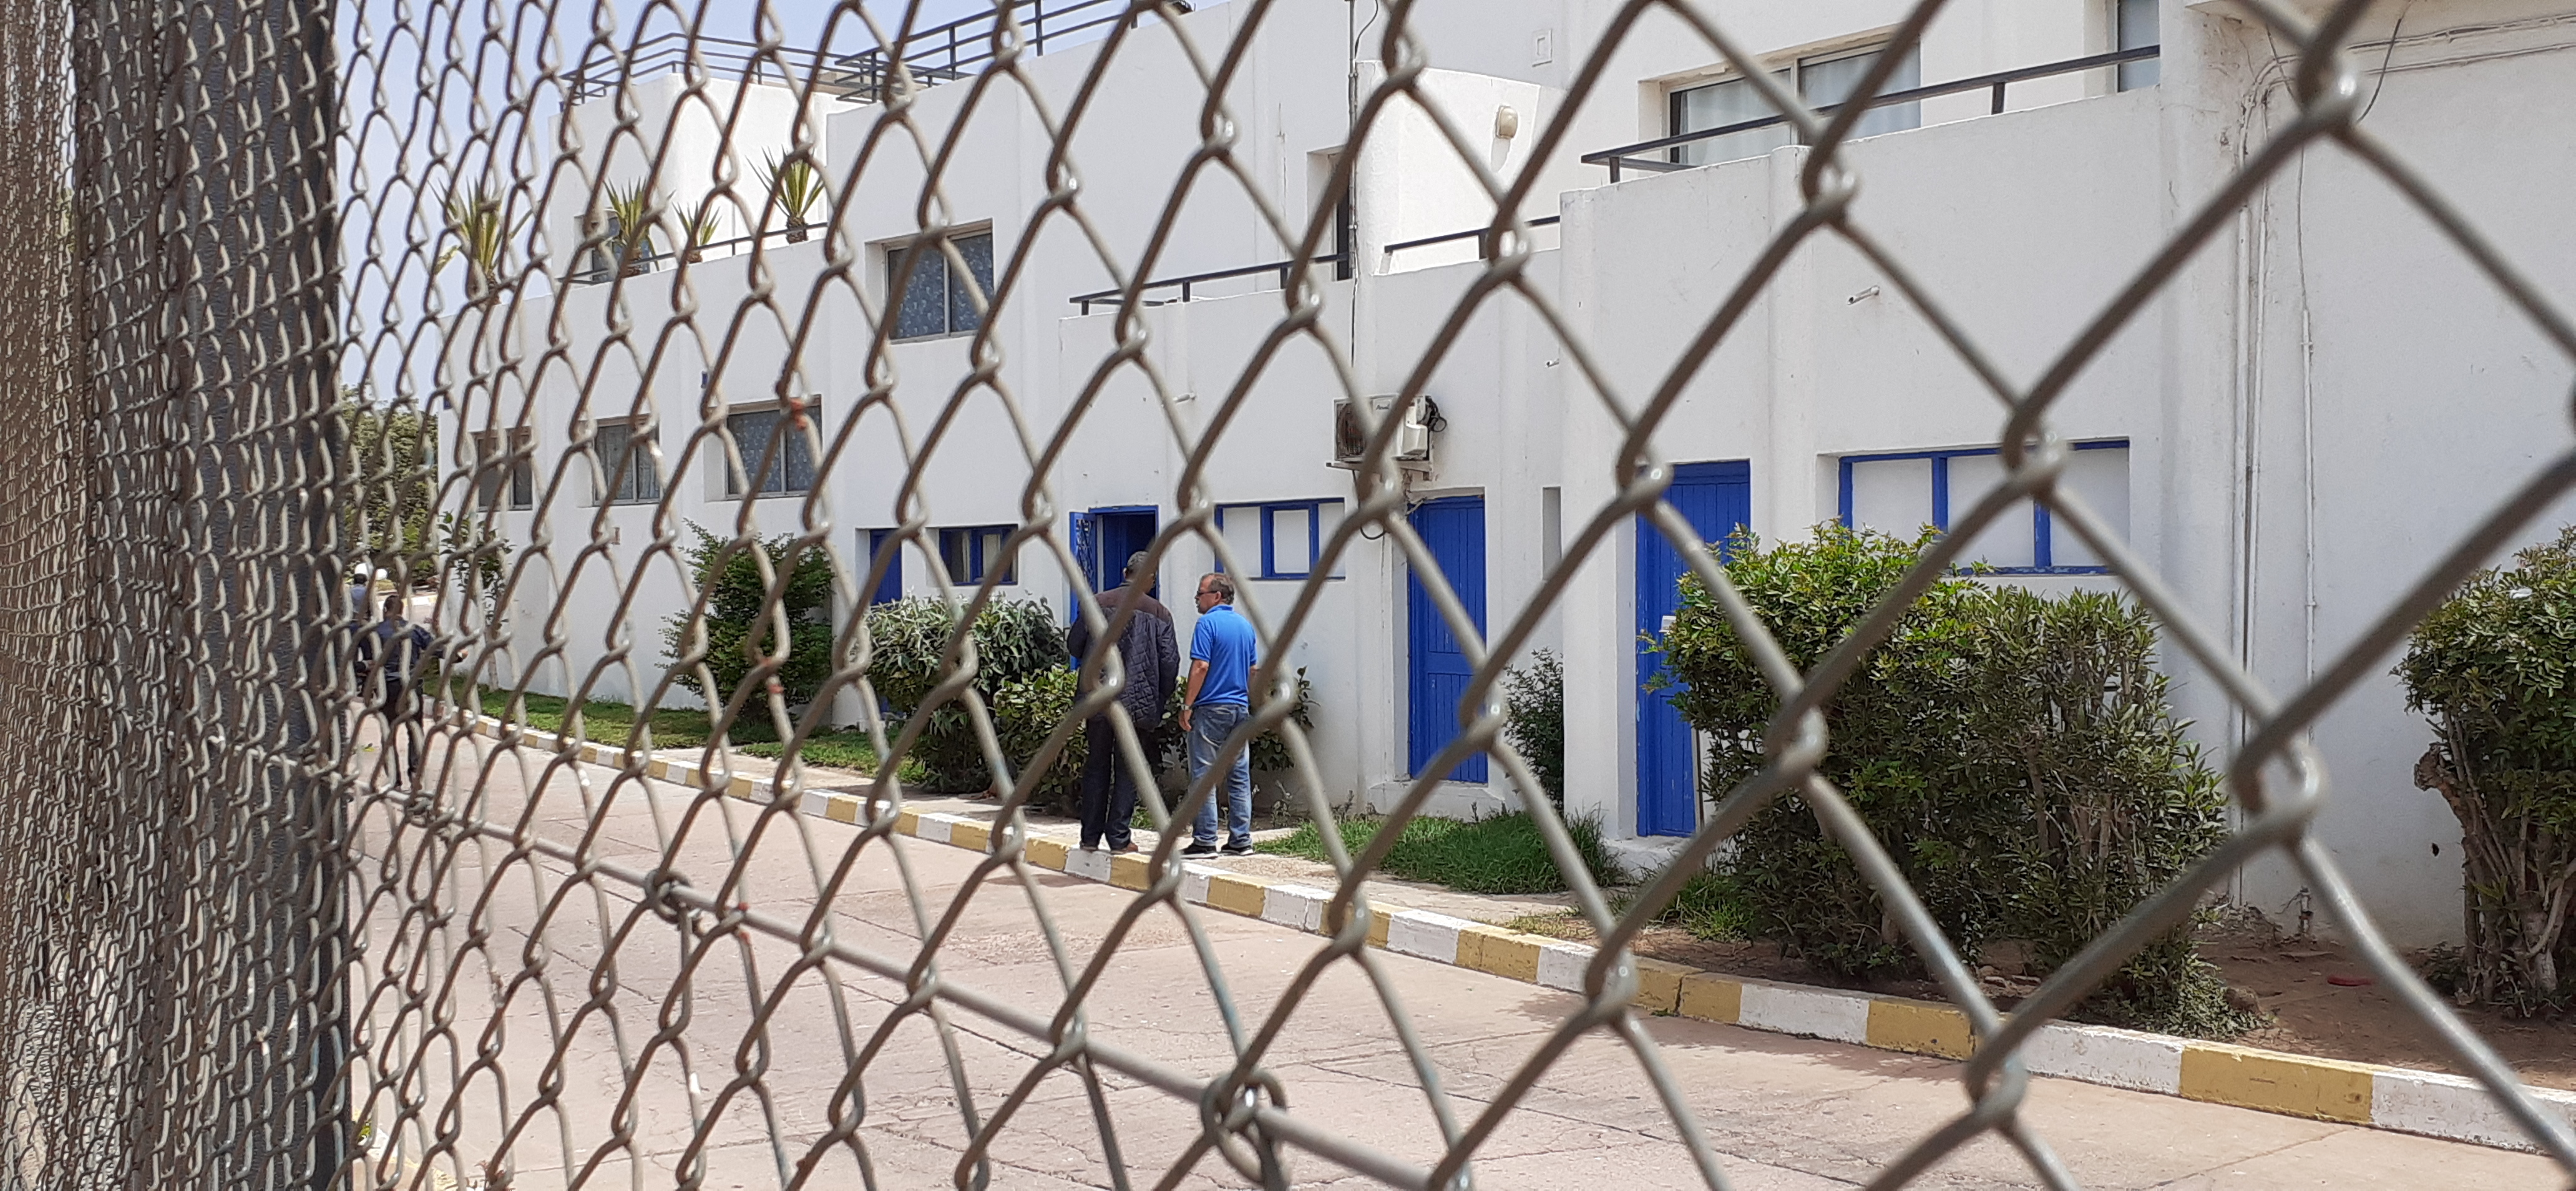 قرار قضائي يغلق إذاعة جهوية بأكادير و يشرد صحفيين !